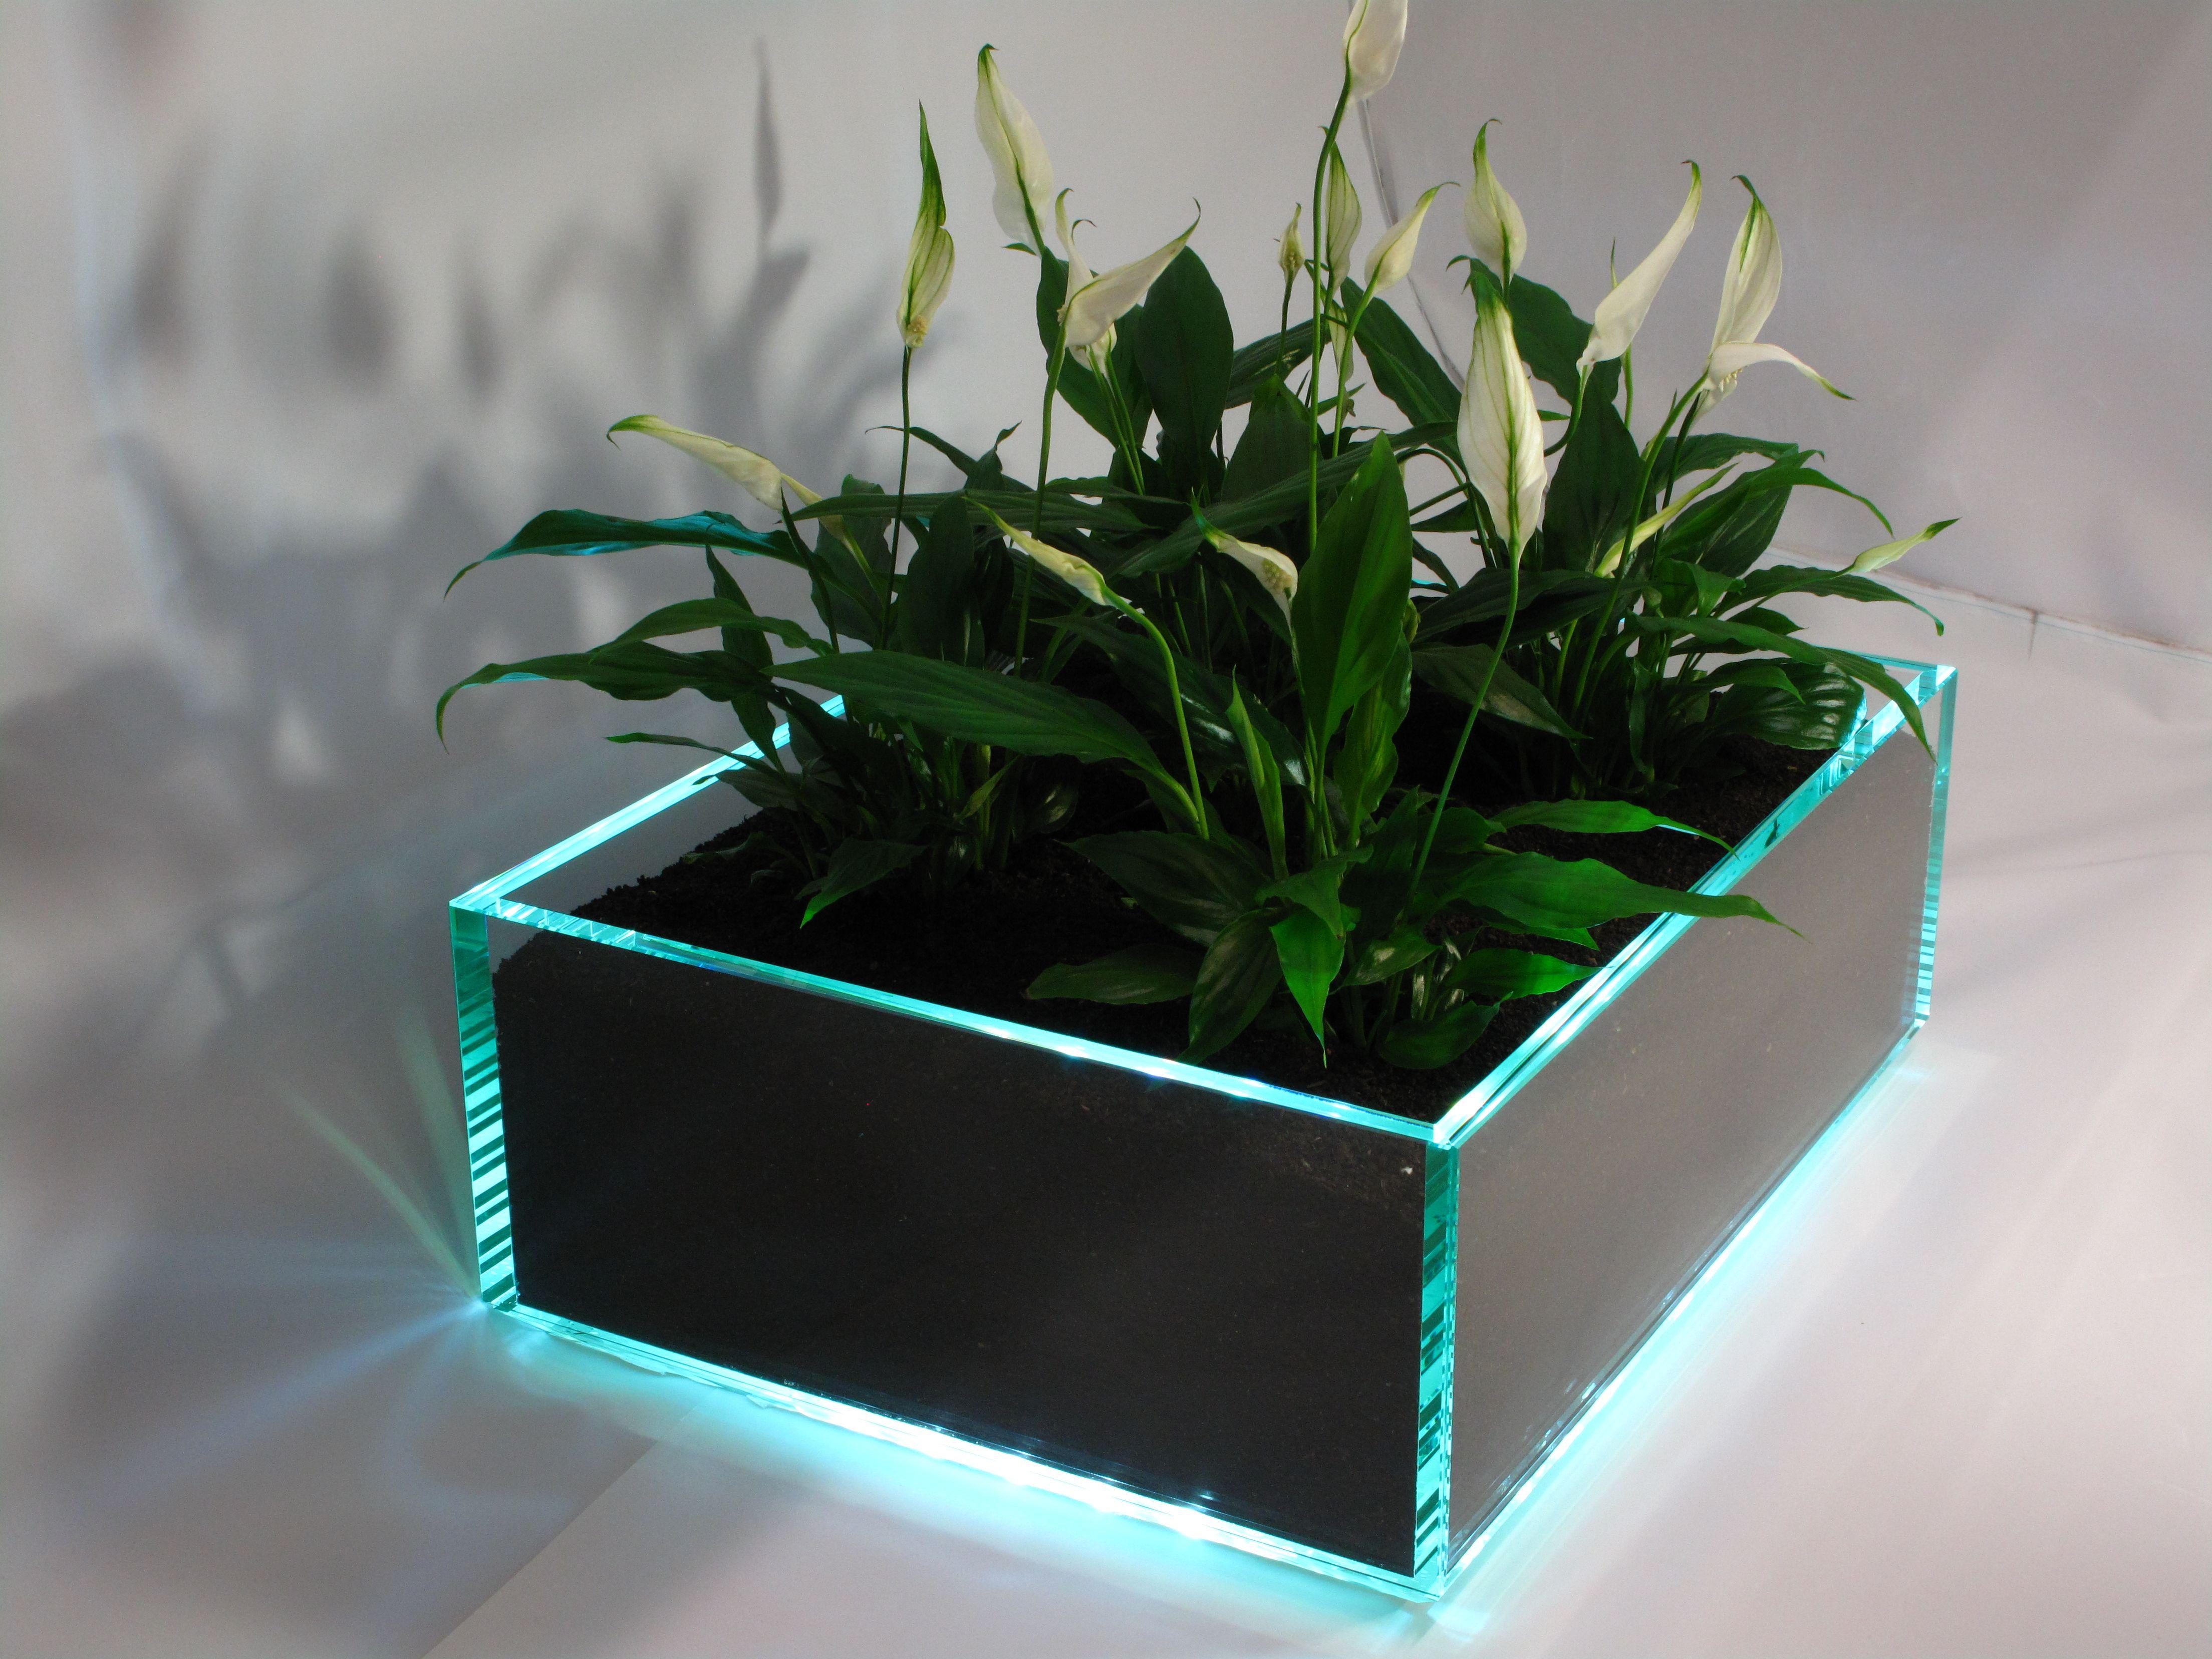 Blumenkasten Aus Glas Mit Led Beleuchtung Fertigungsgrossen Nach Kunden Wunsch Glasvitrine Glas Glashaube